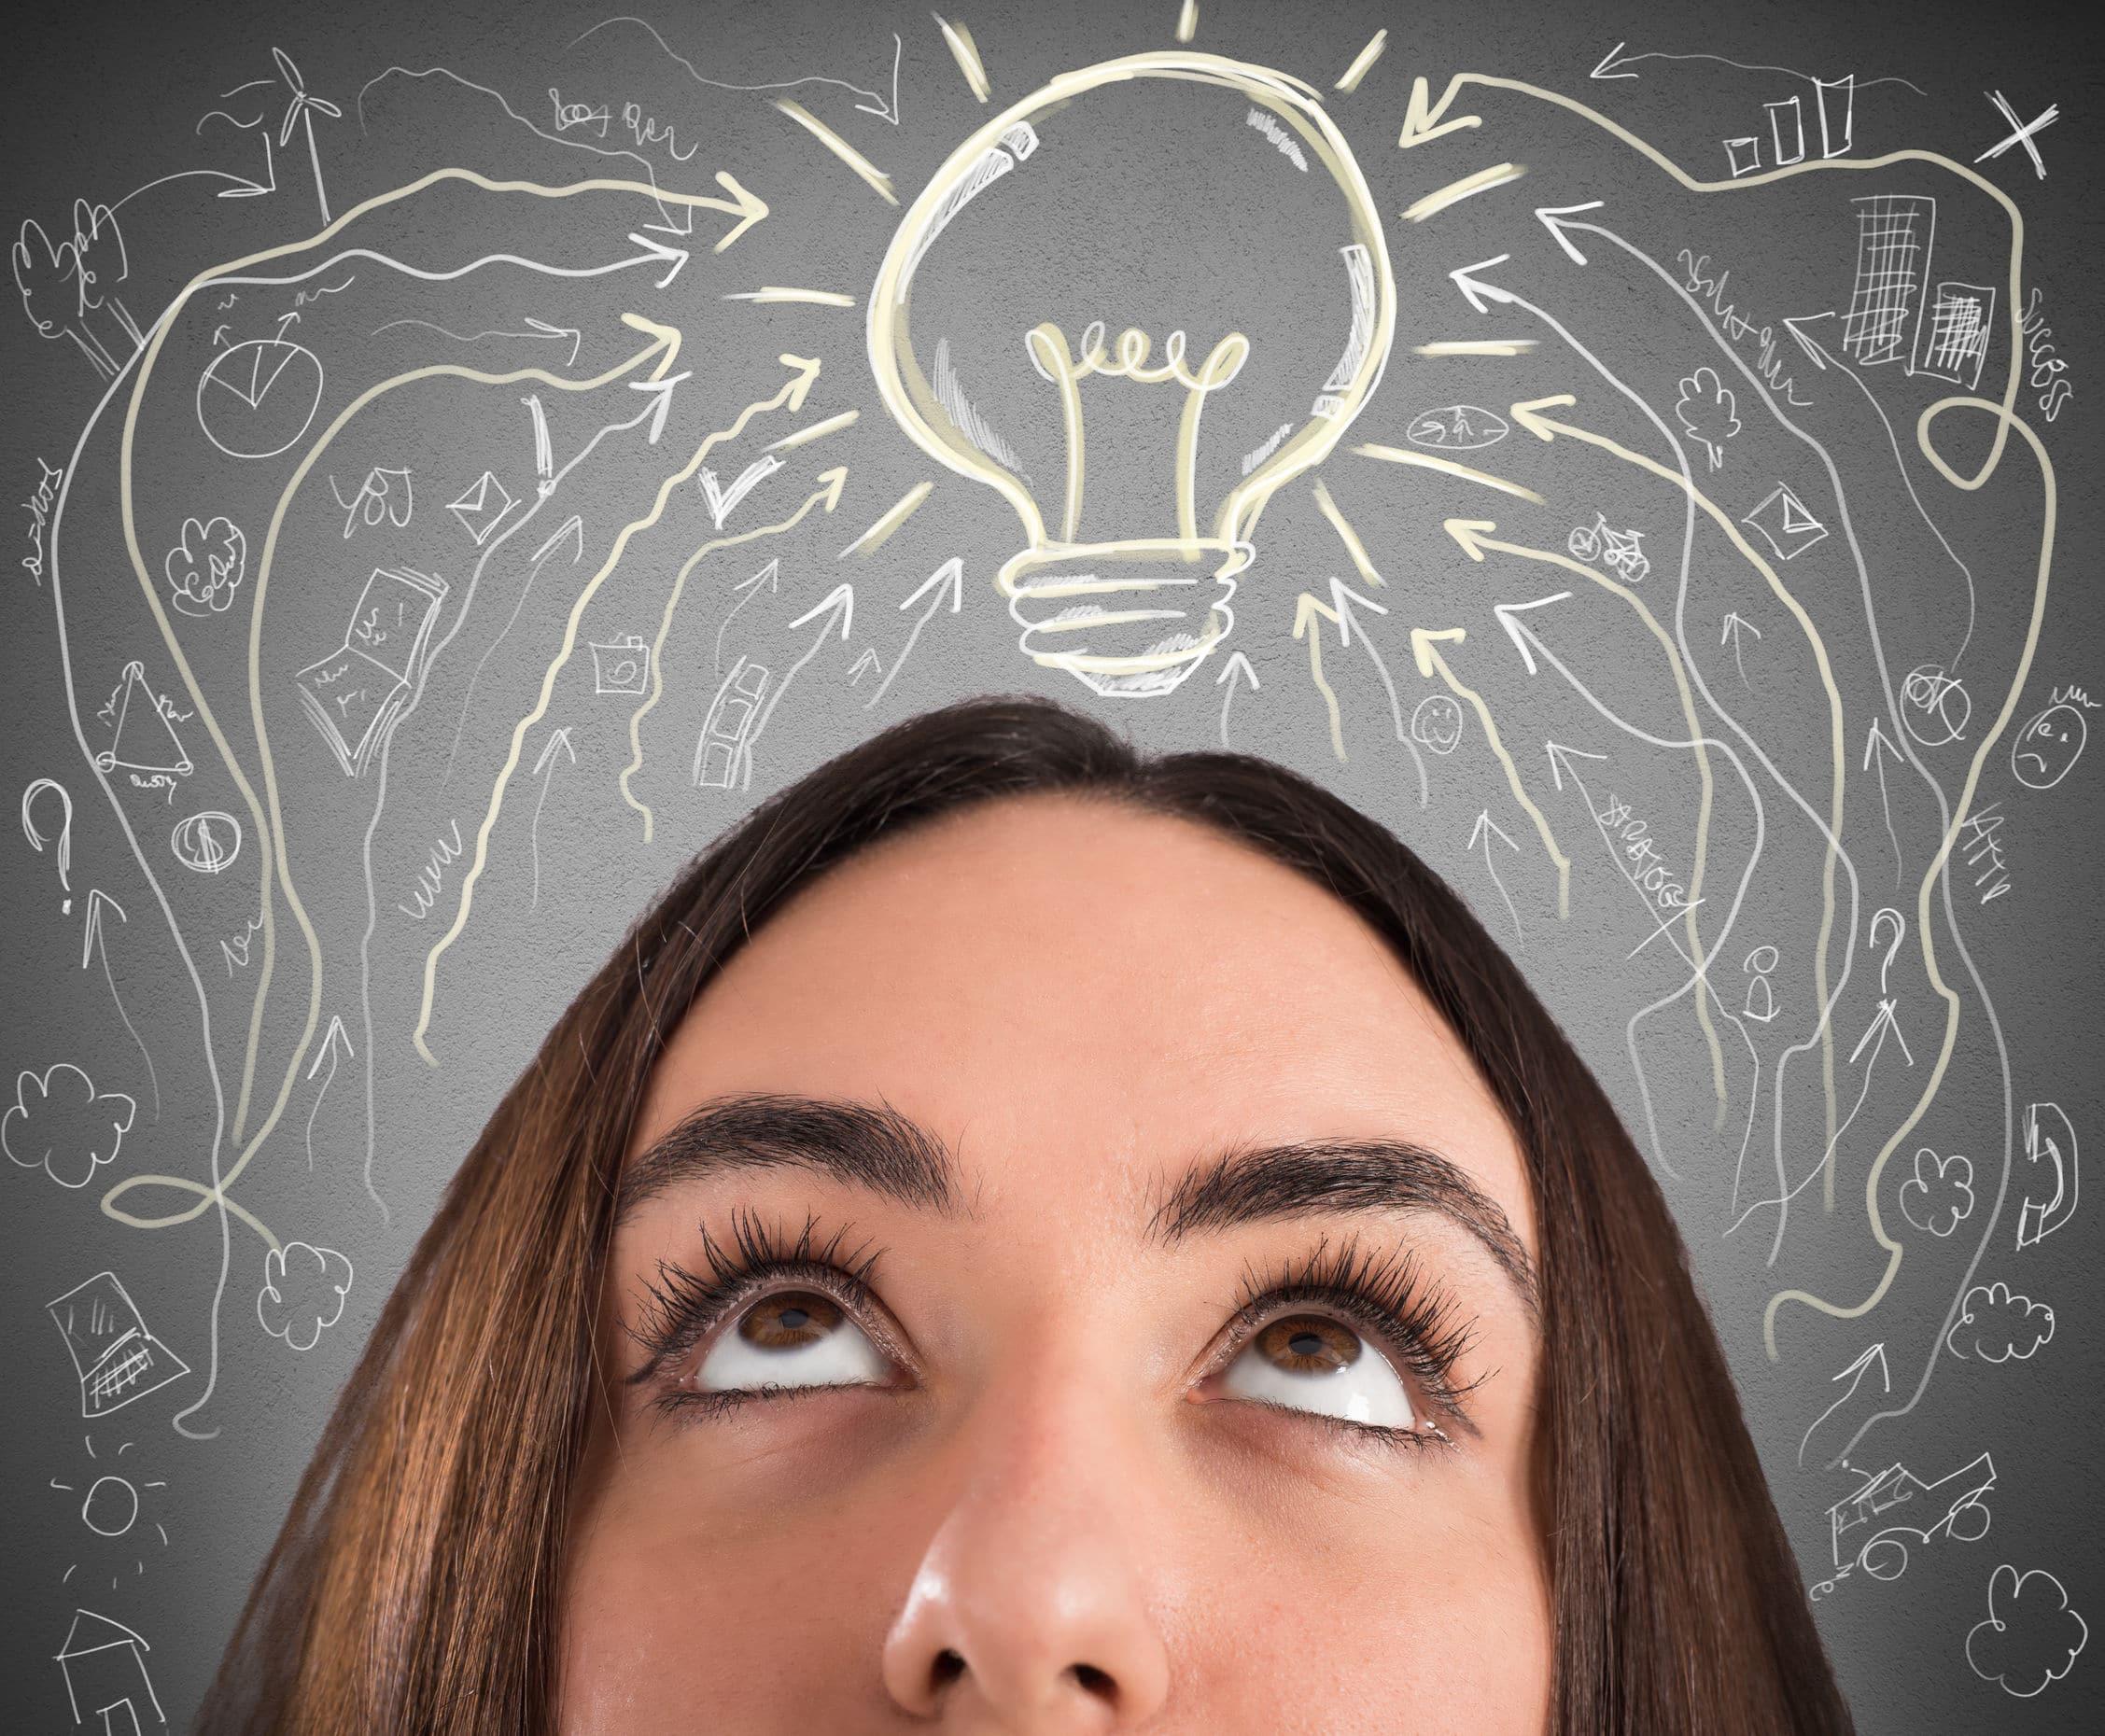 Mulher olhando para cima. Uma lâmpada surge acima da cabeça dela. Vários desenhos que representam ideias ao lado.